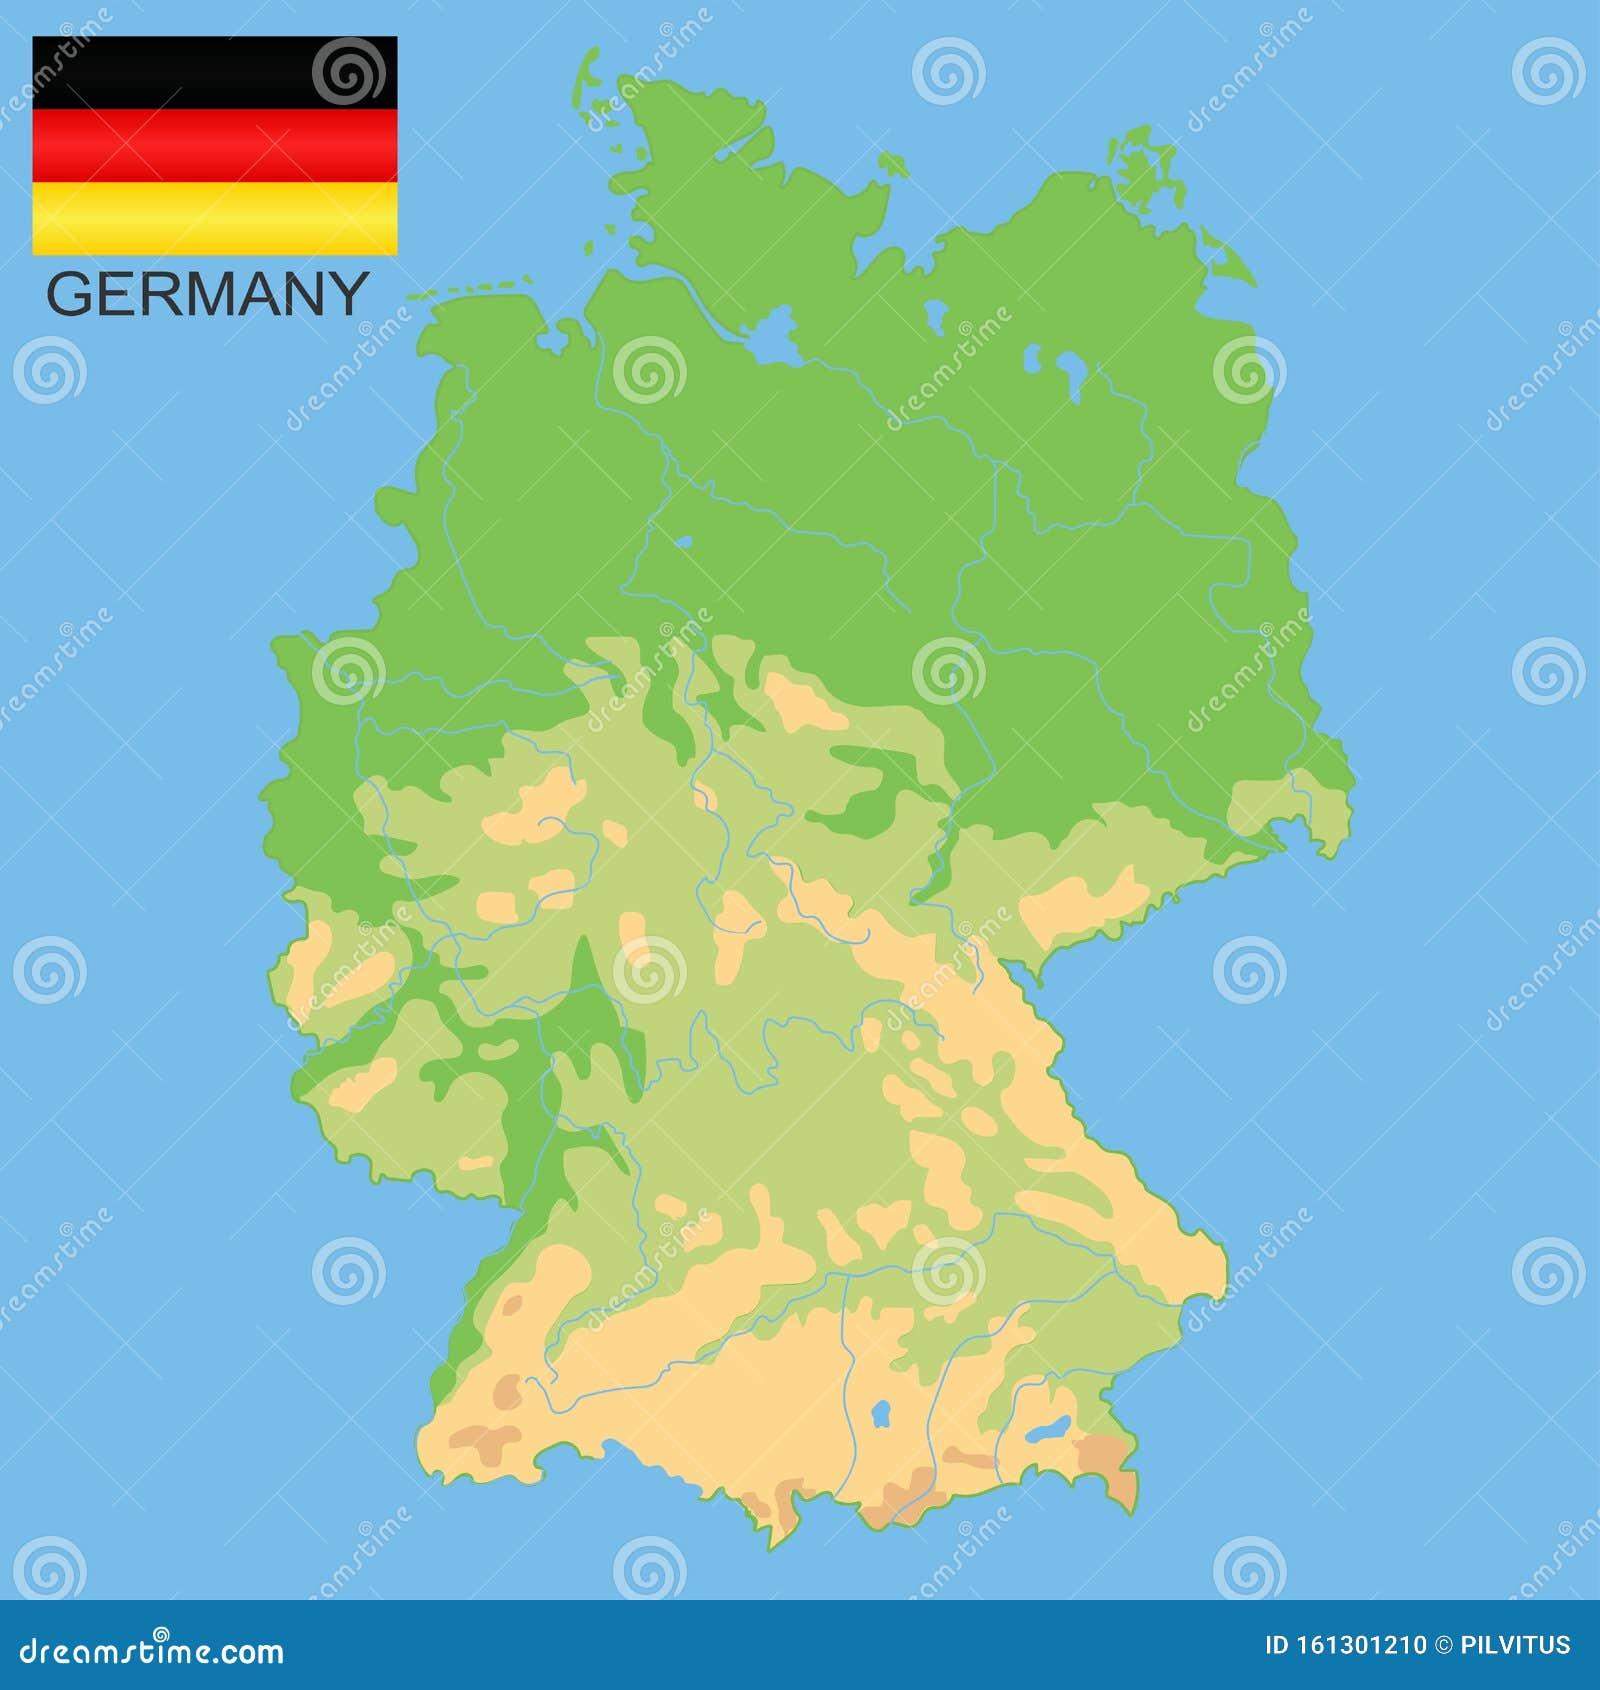 Cartina Germania Con Fiumi.Germania Mappa Fisica Dettagliata Della Germania Colorata In Base All Elevazione Con Fiumi Laghi Montagne Mappa Vettoriale Con Illustrazione Vettoriale Illustrazione Di Cartografia Profilo 161301210